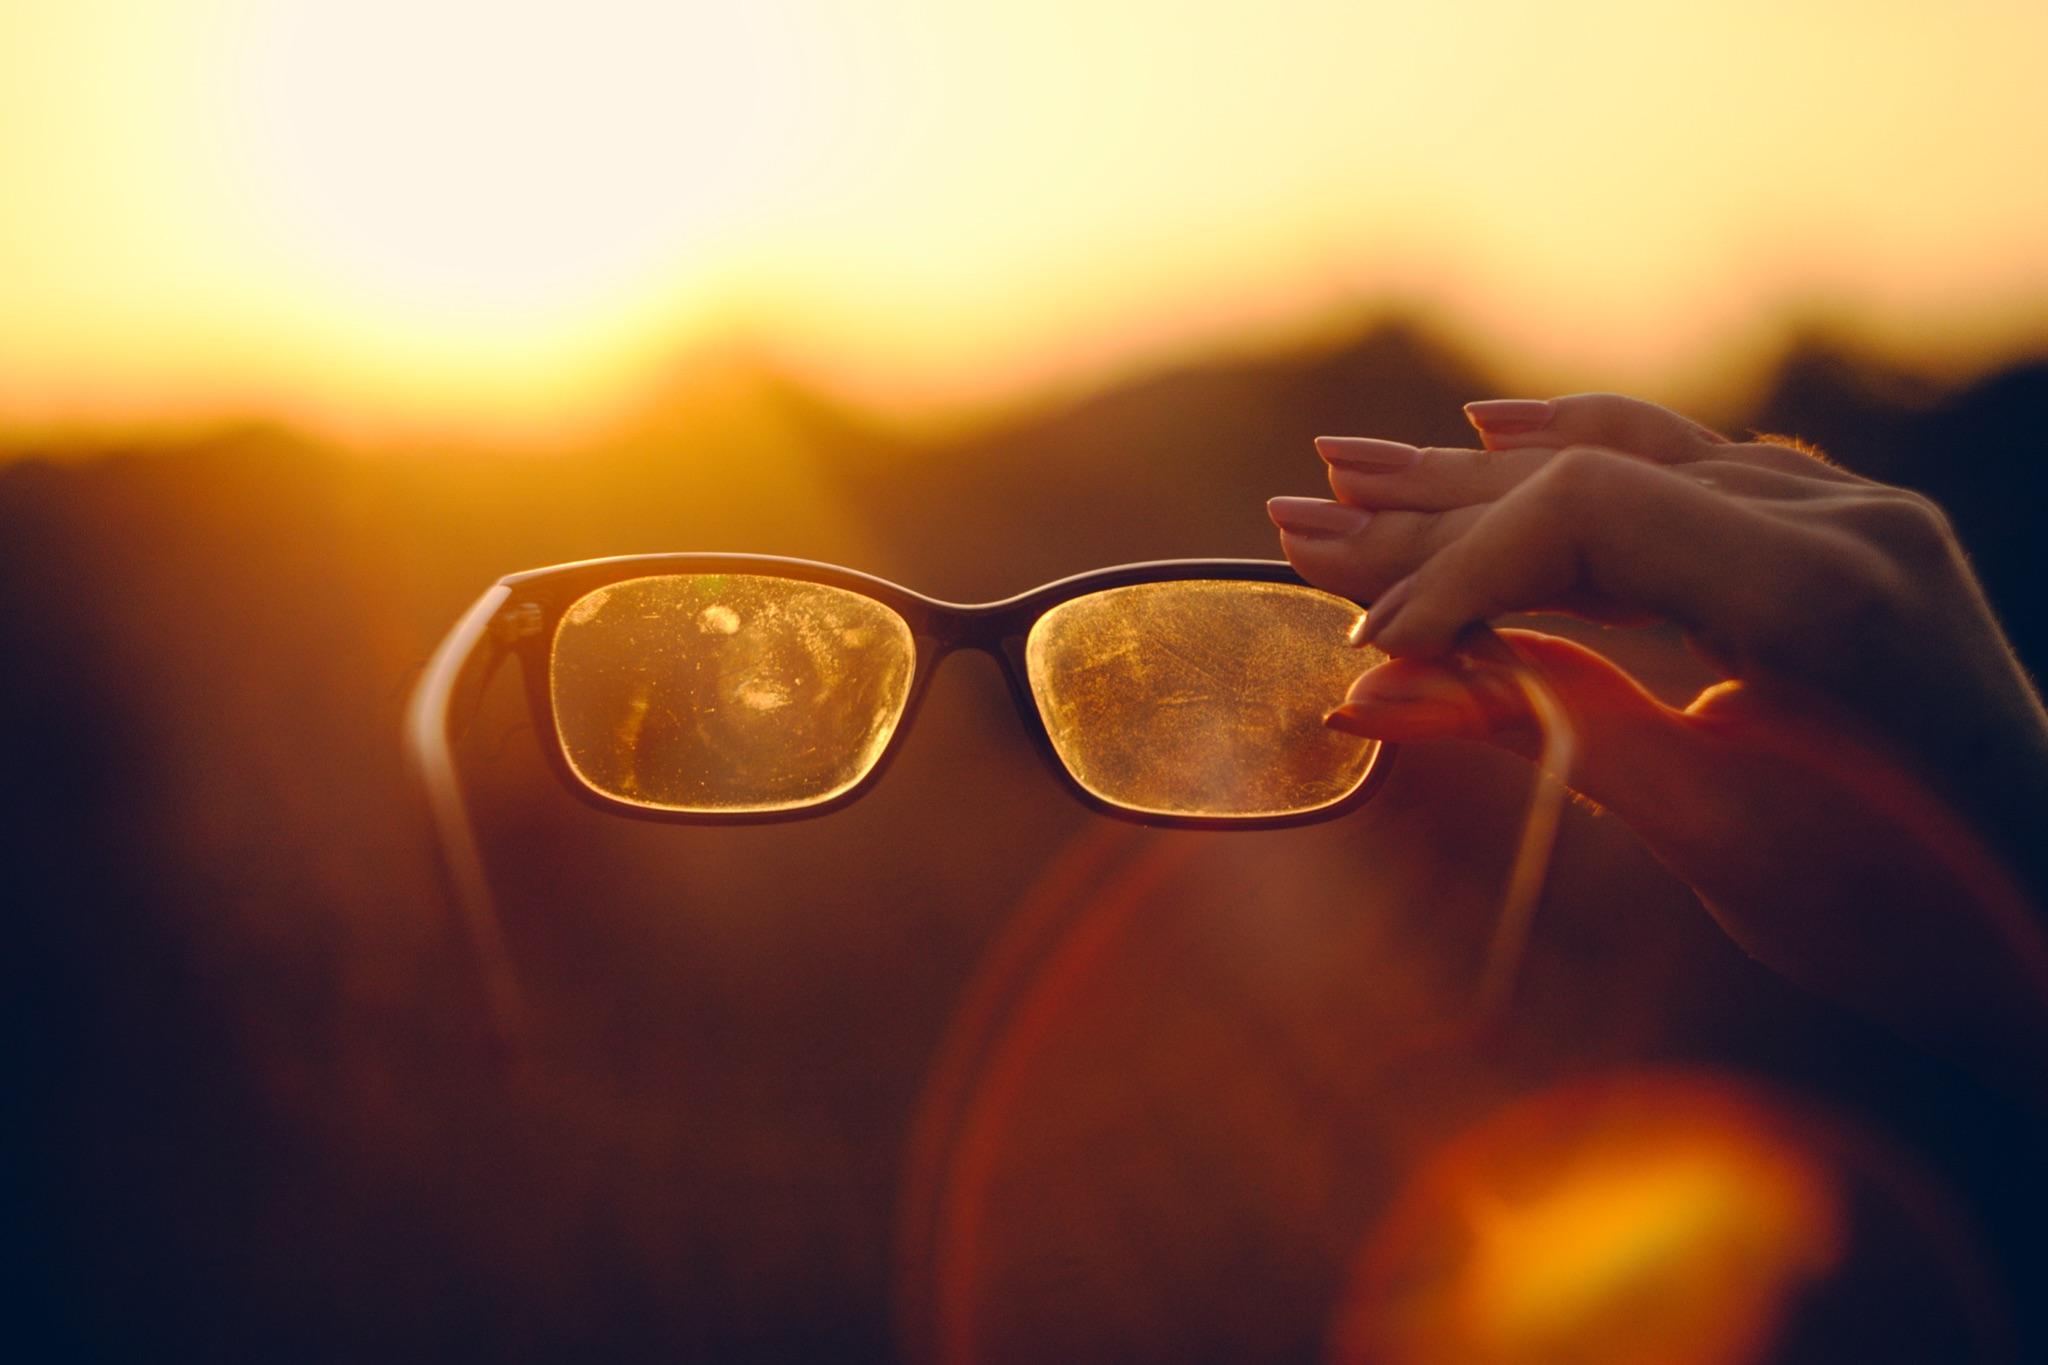 メガネは汚れやすい?